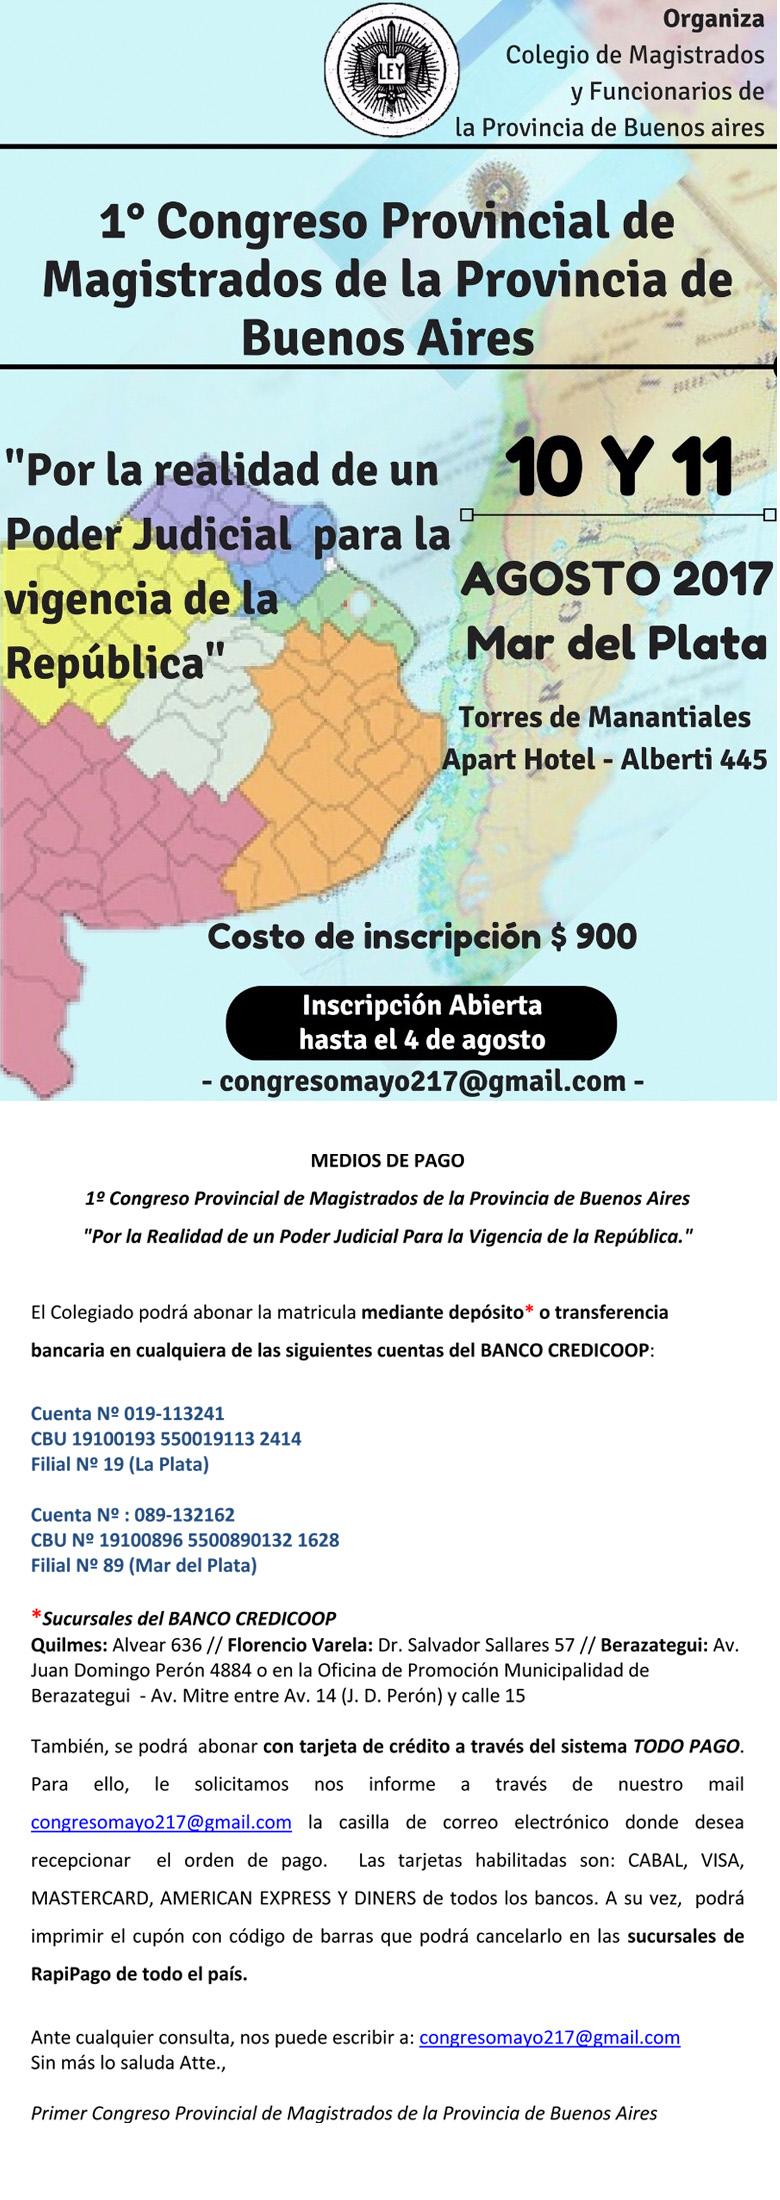 Temario, medios de pago y tarifa de hoteles/1º CONGRESO PROVINCIAL DE MAGISTRADOS DE LA PCIA. DE BS. AS.